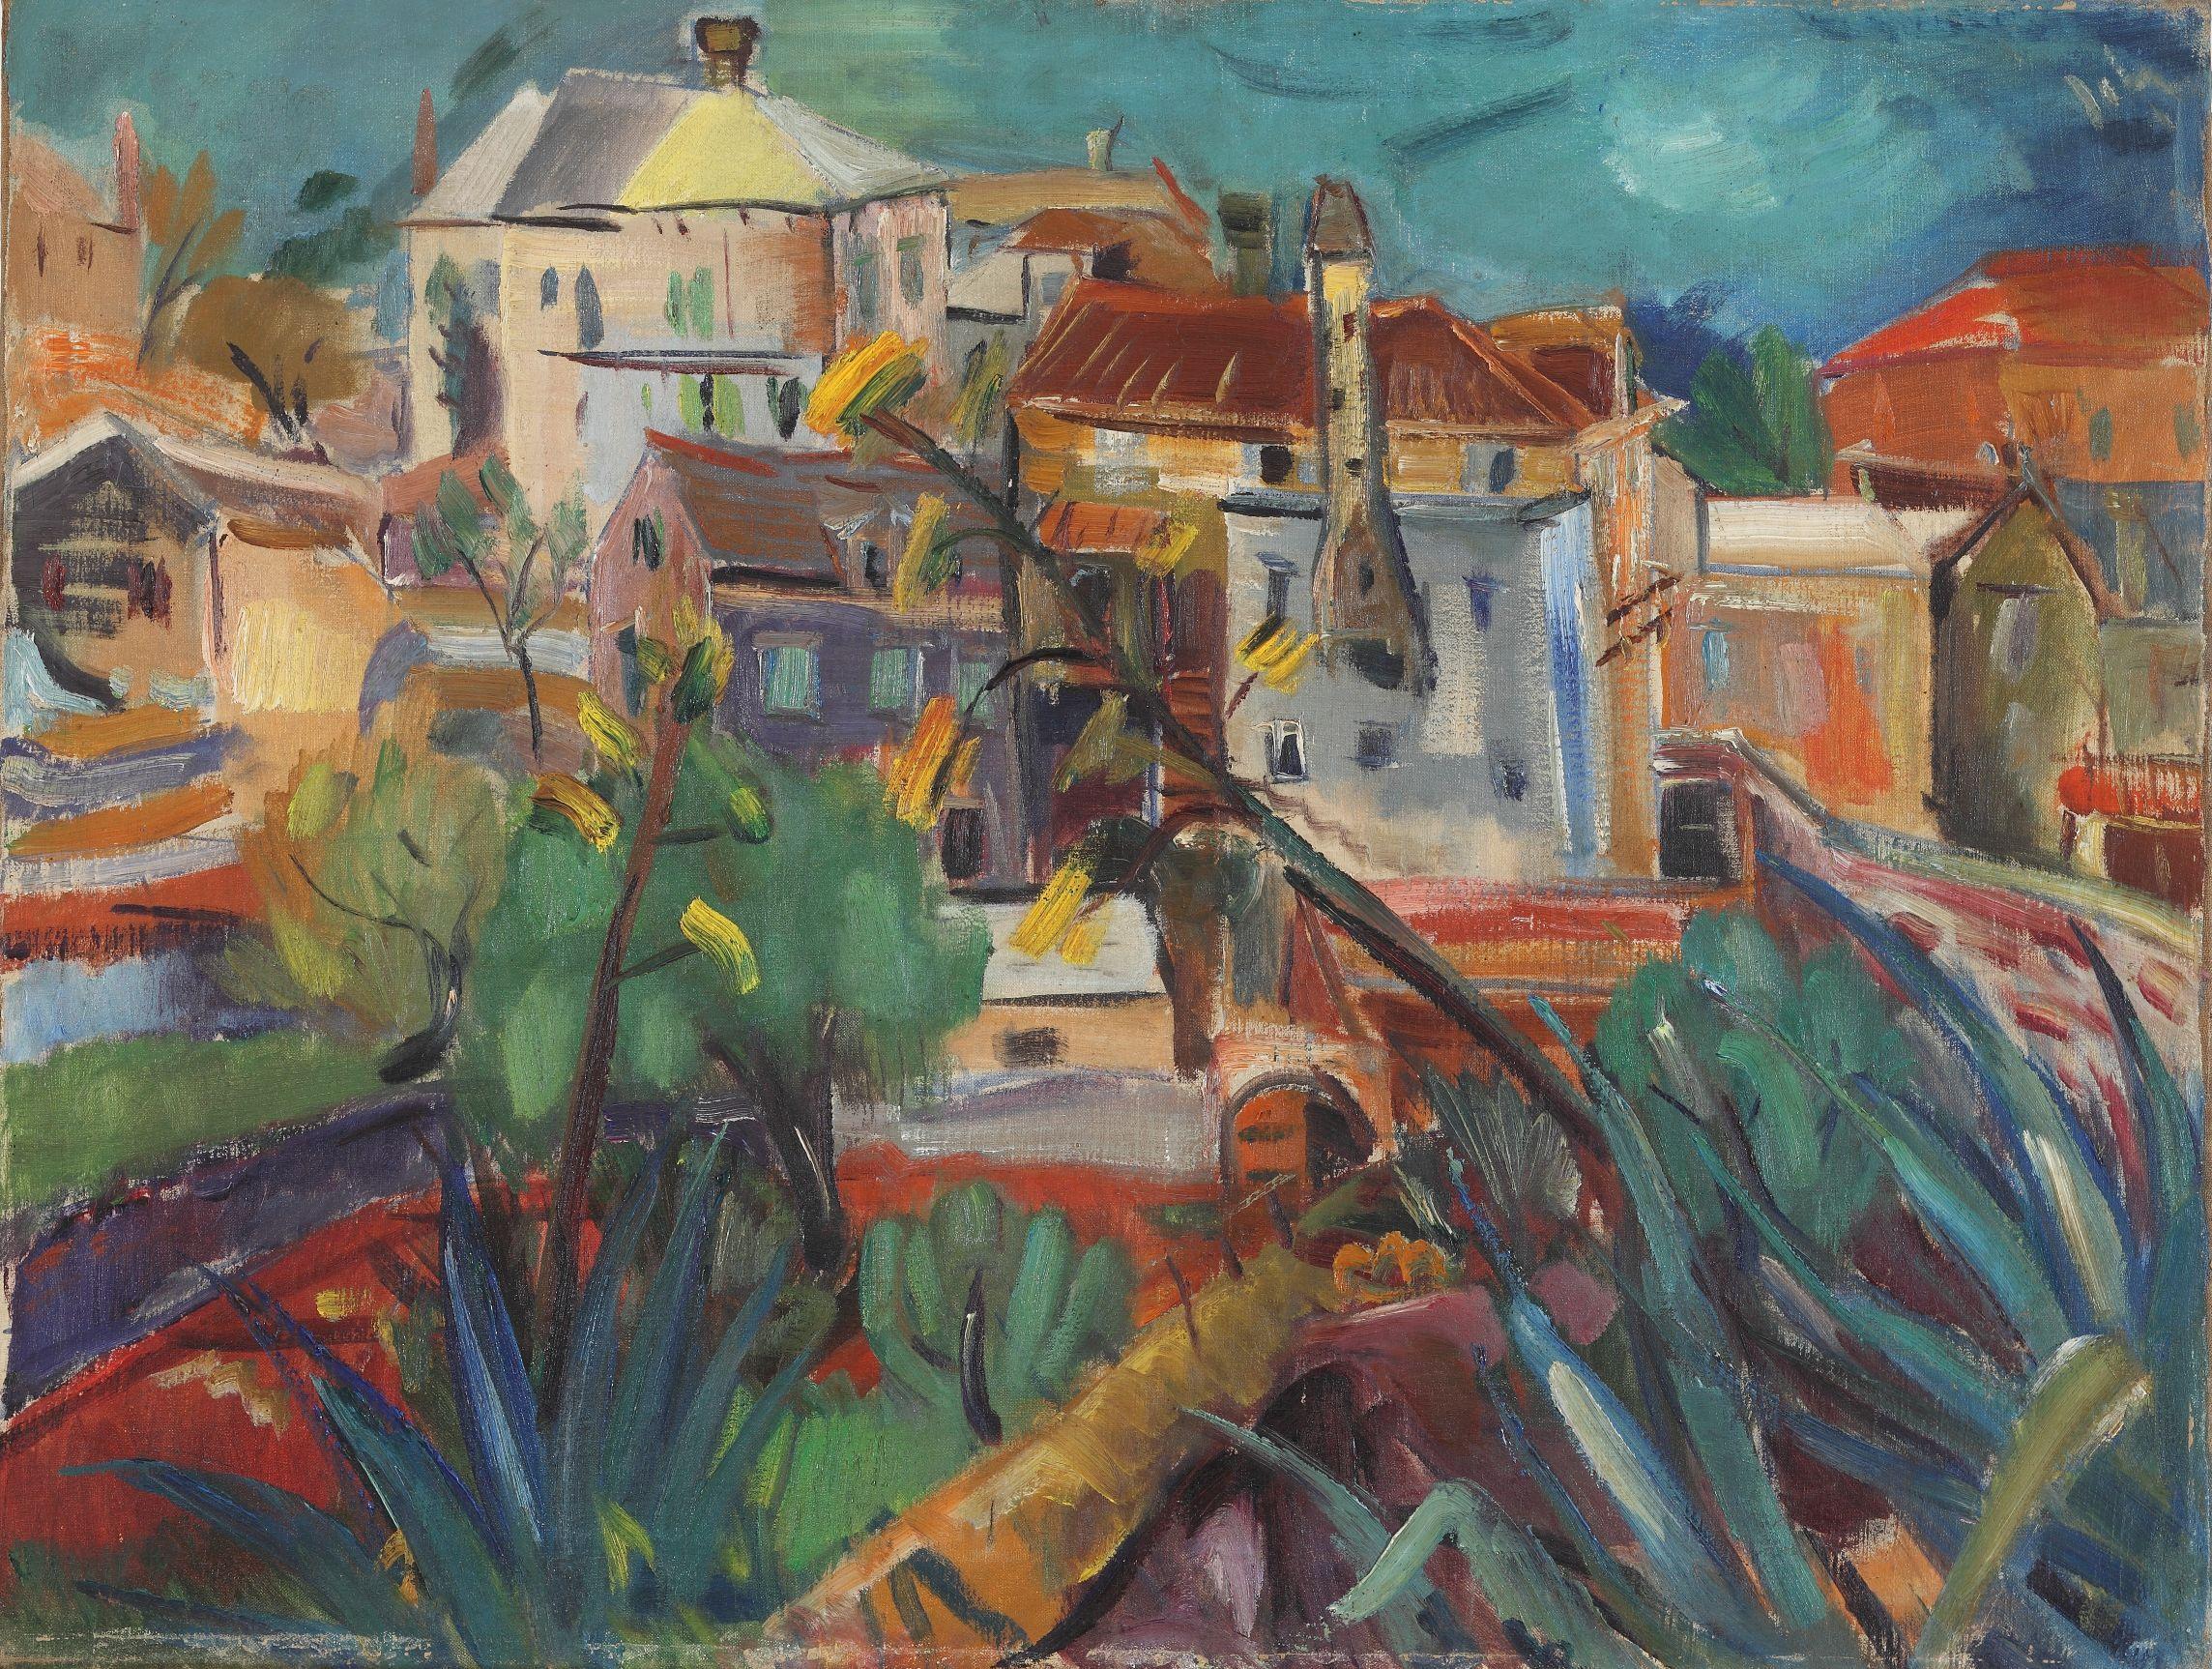 Ignjat Job - Page 2 Ignjat-Job-Moj-dom-1935.-Moderna-galerija-Zagreb